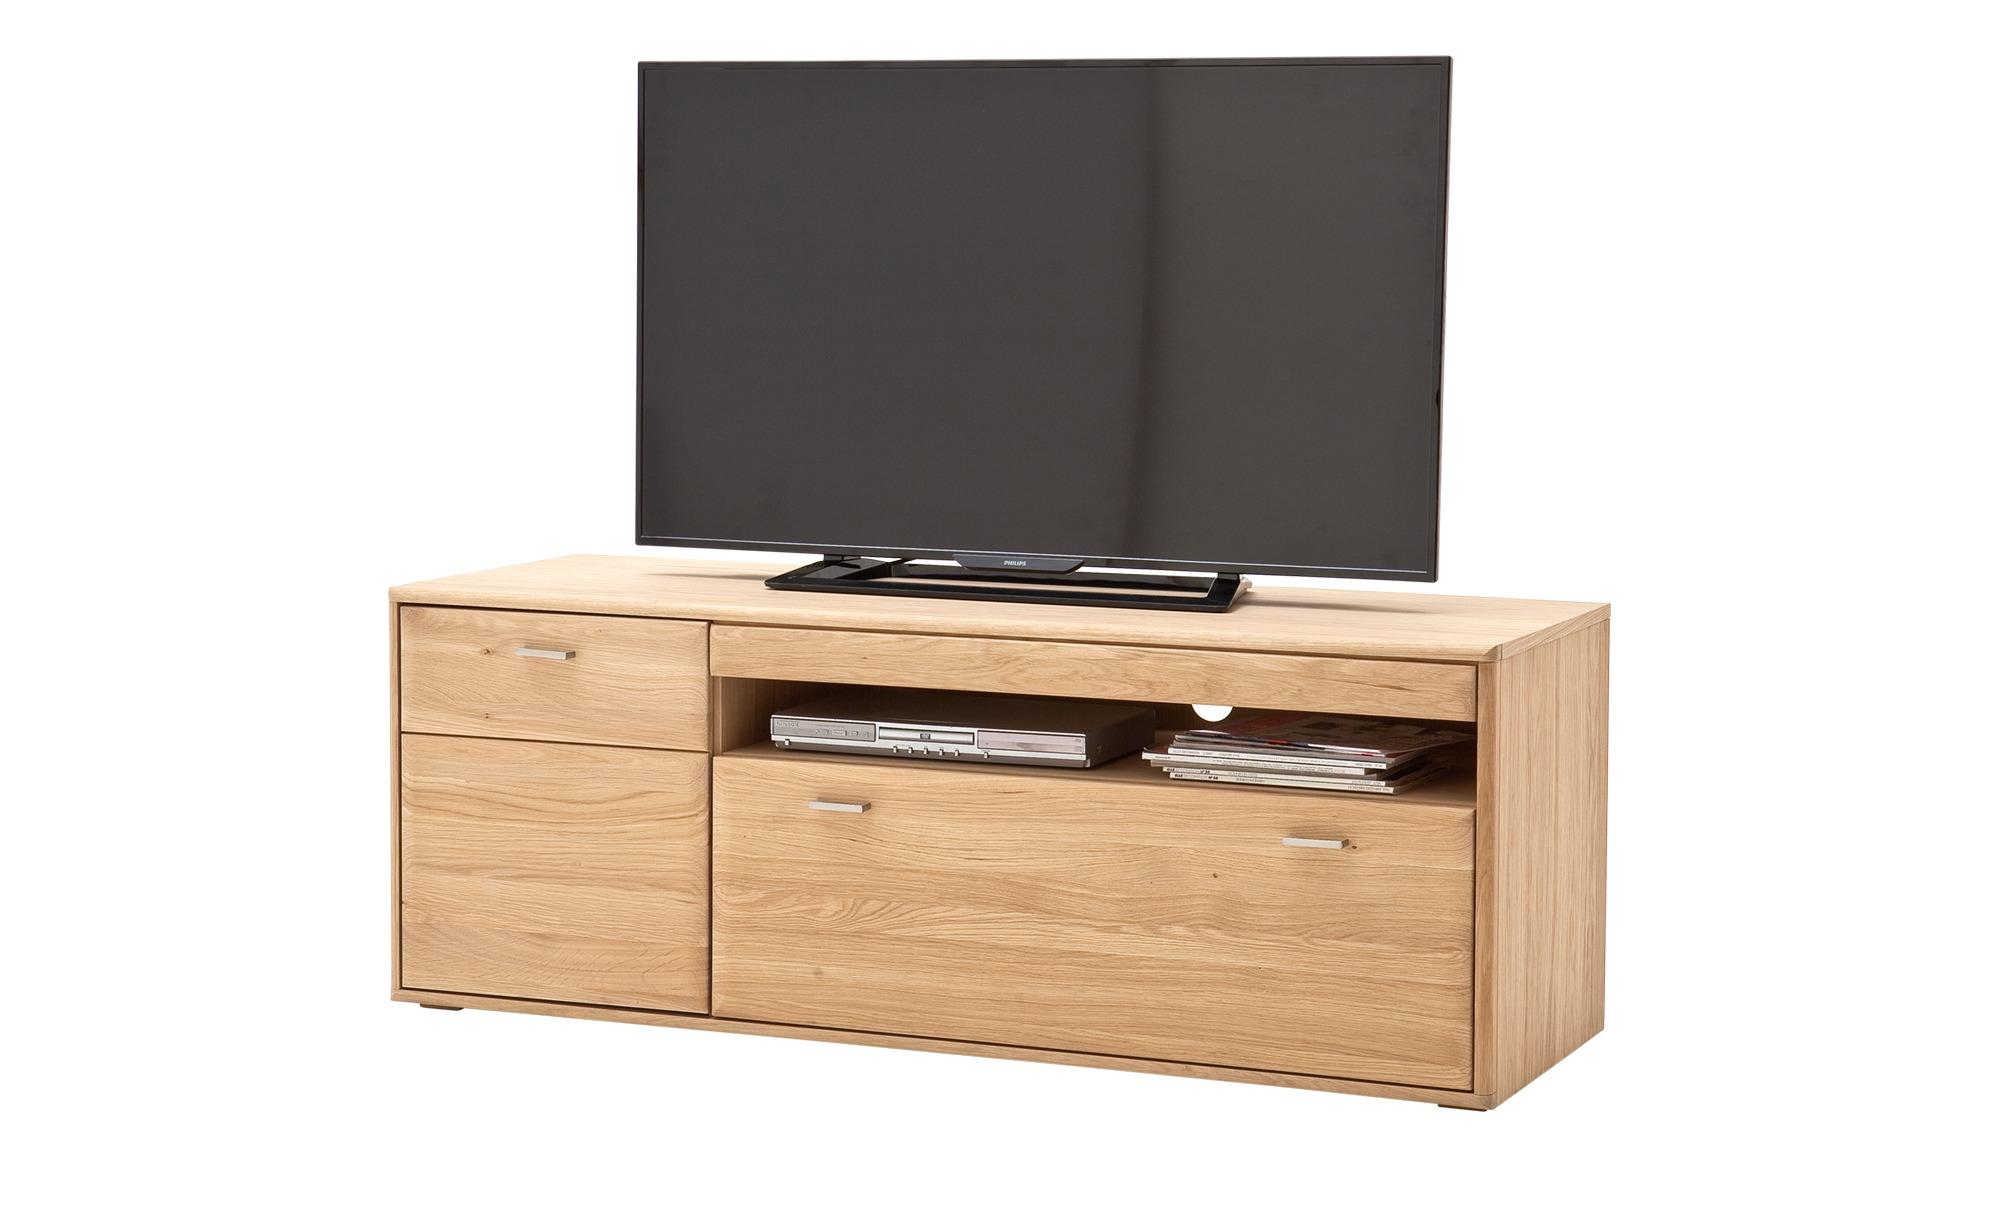 woodford tv element dias breite 149 cm h he 56 cm holzfarben online kaufen bei woonio. Black Bedroom Furniture Sets. Home Design Ideas